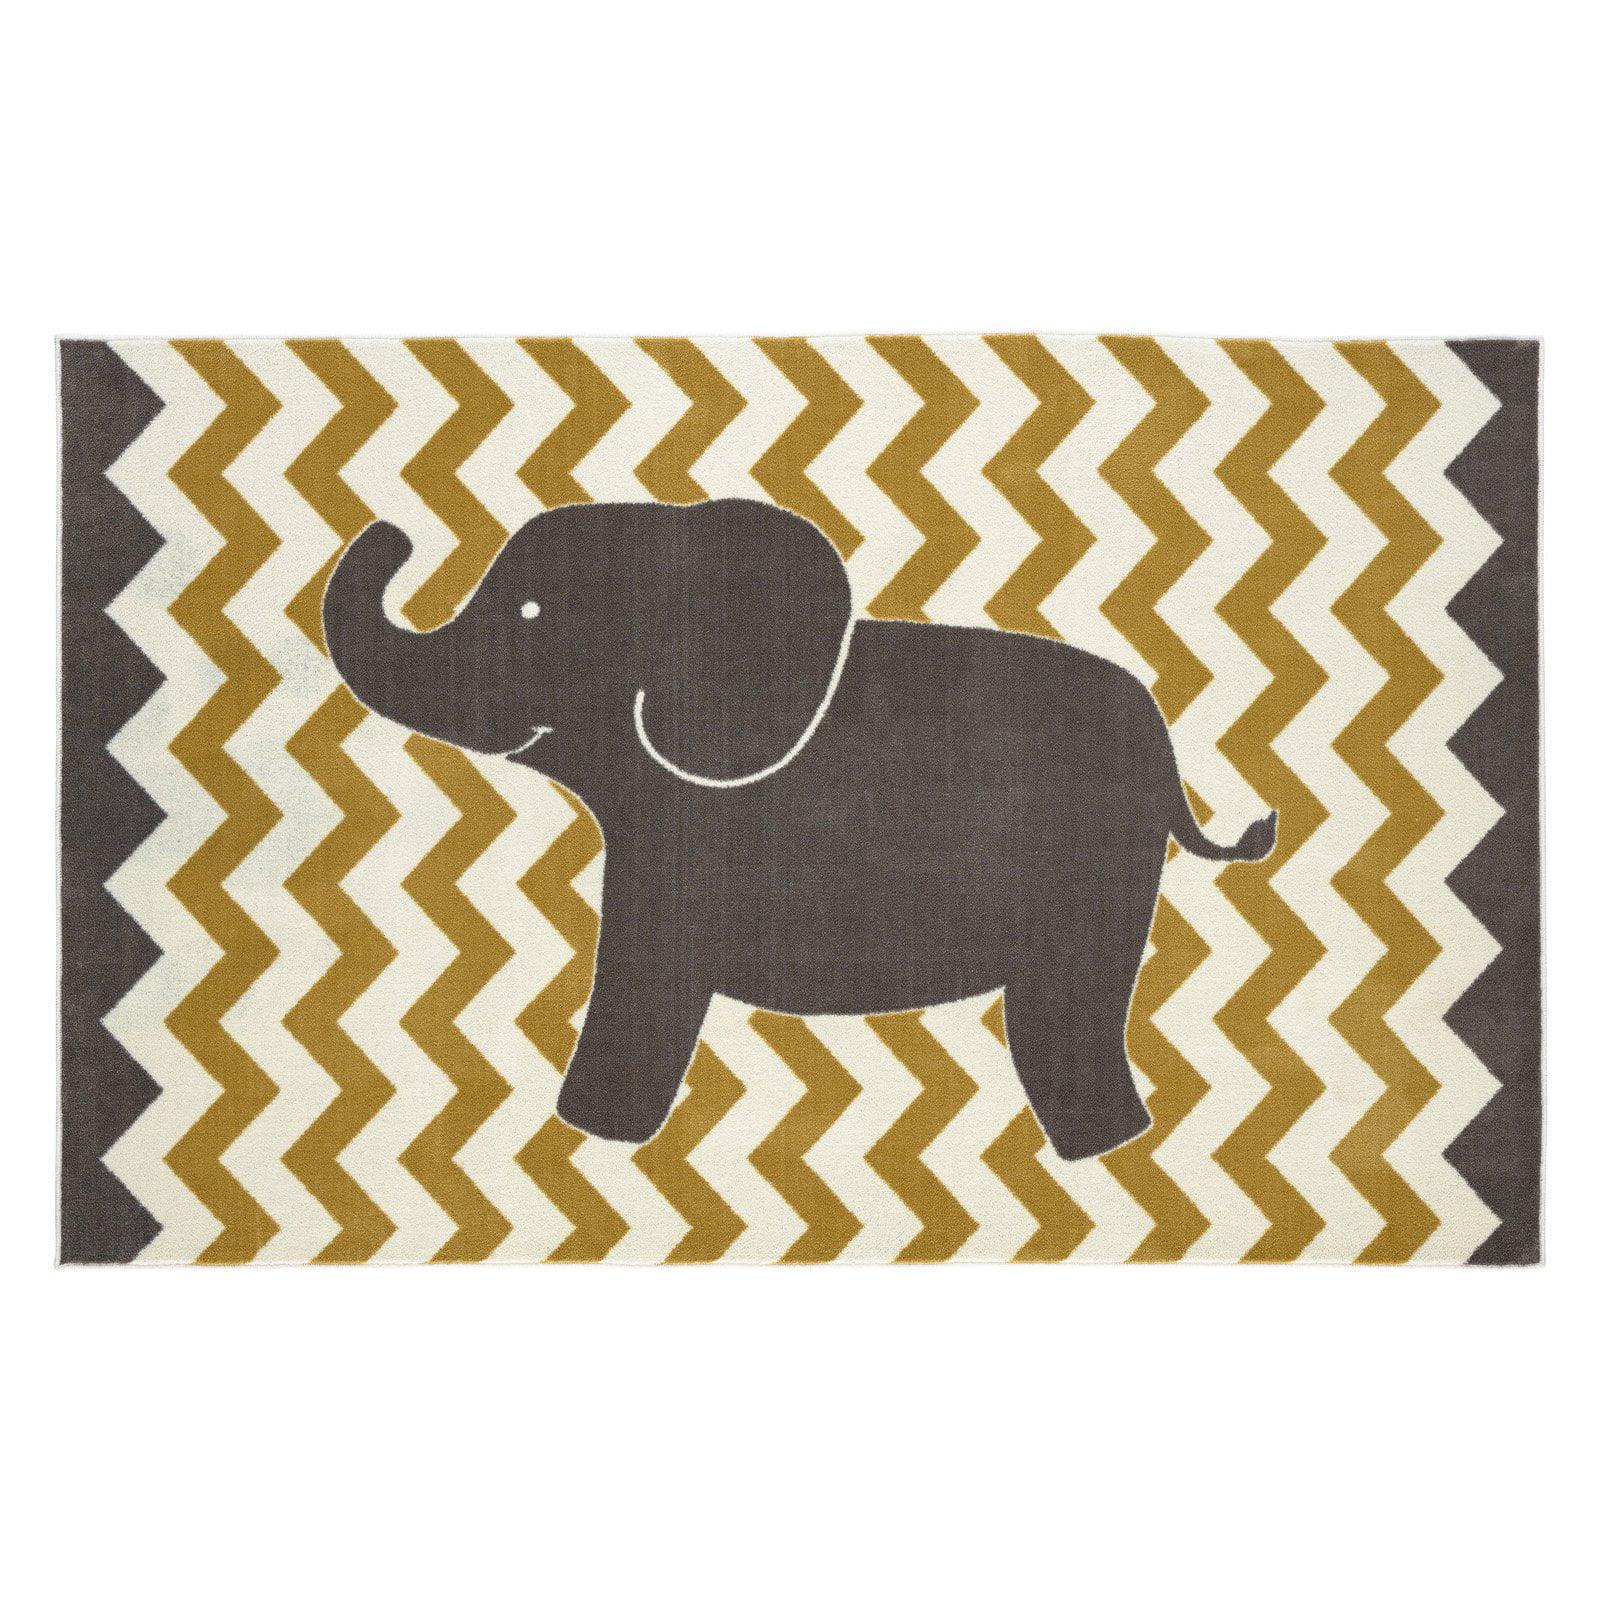 Mohawk Home Lucky Elephant Area Rug